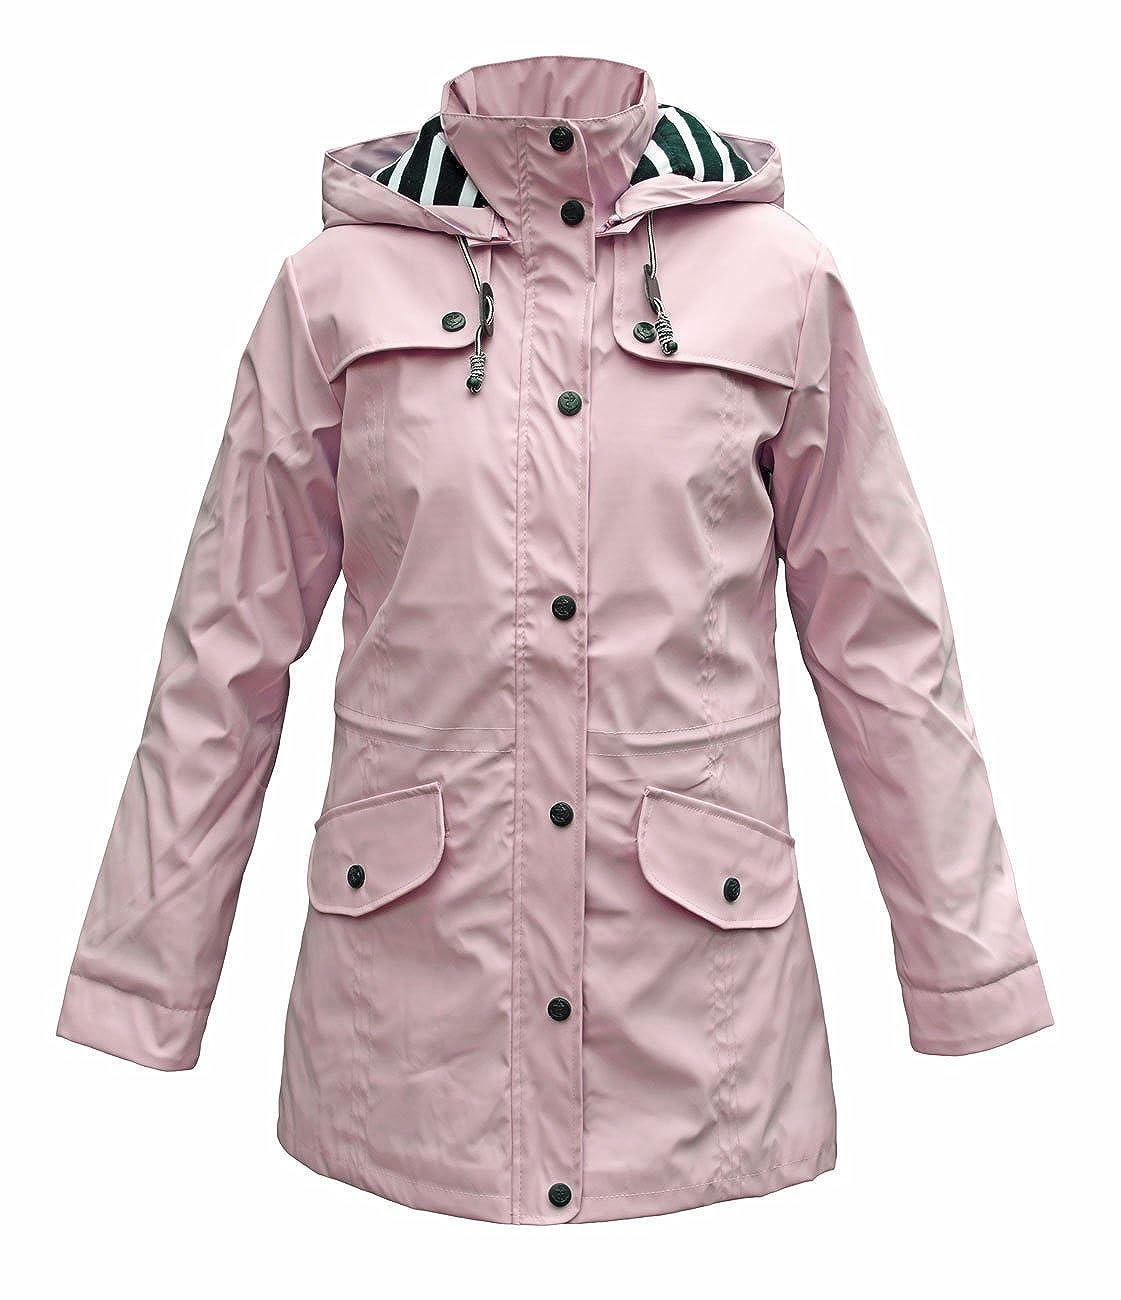 Batela Manteau de Pluie Femme avec Doublure